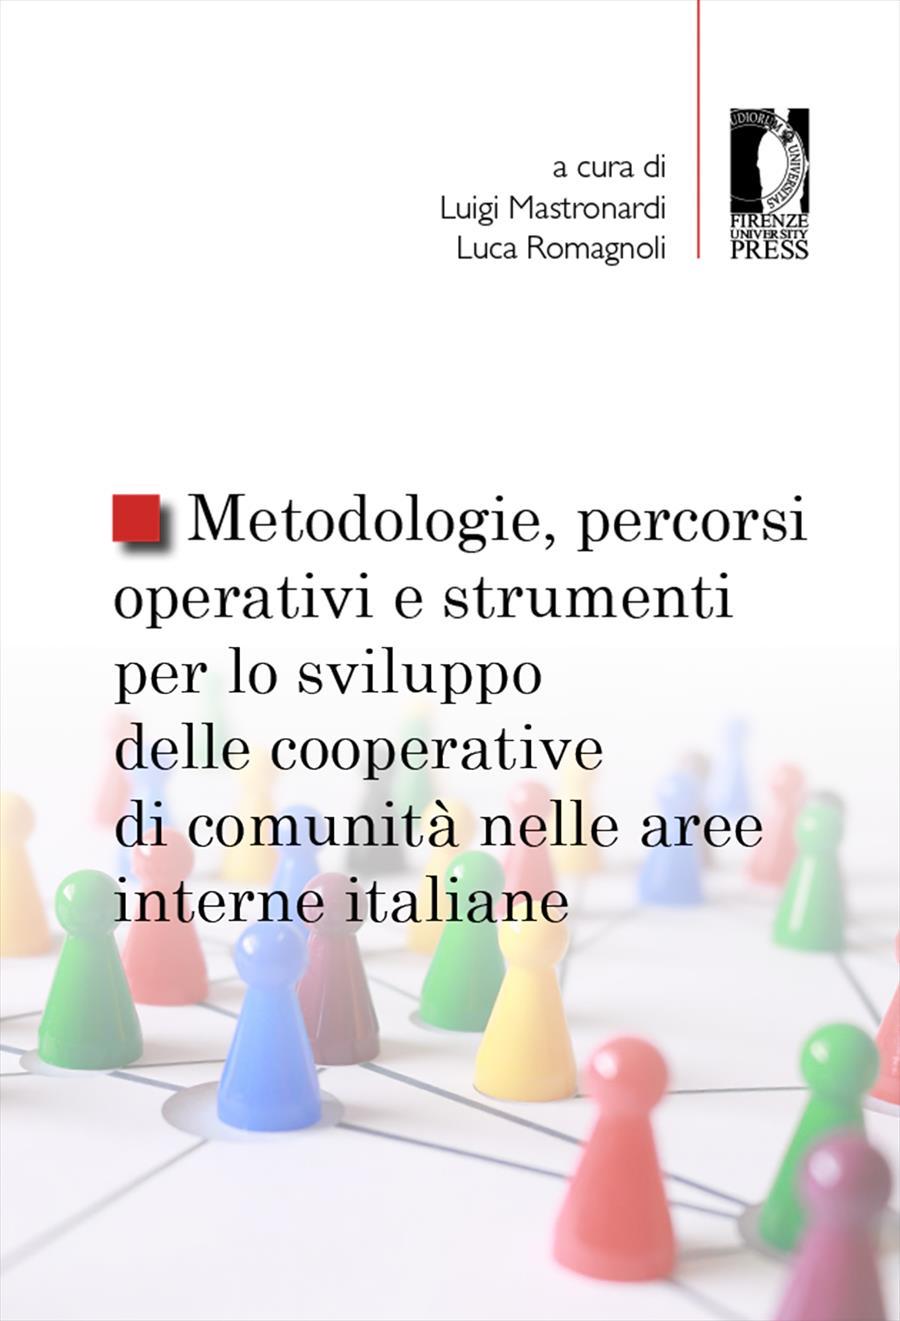 Metodologie, percorsi operativi e strumenti per lo sviluppo delle cooperative di comunità nelle aree interne italiane